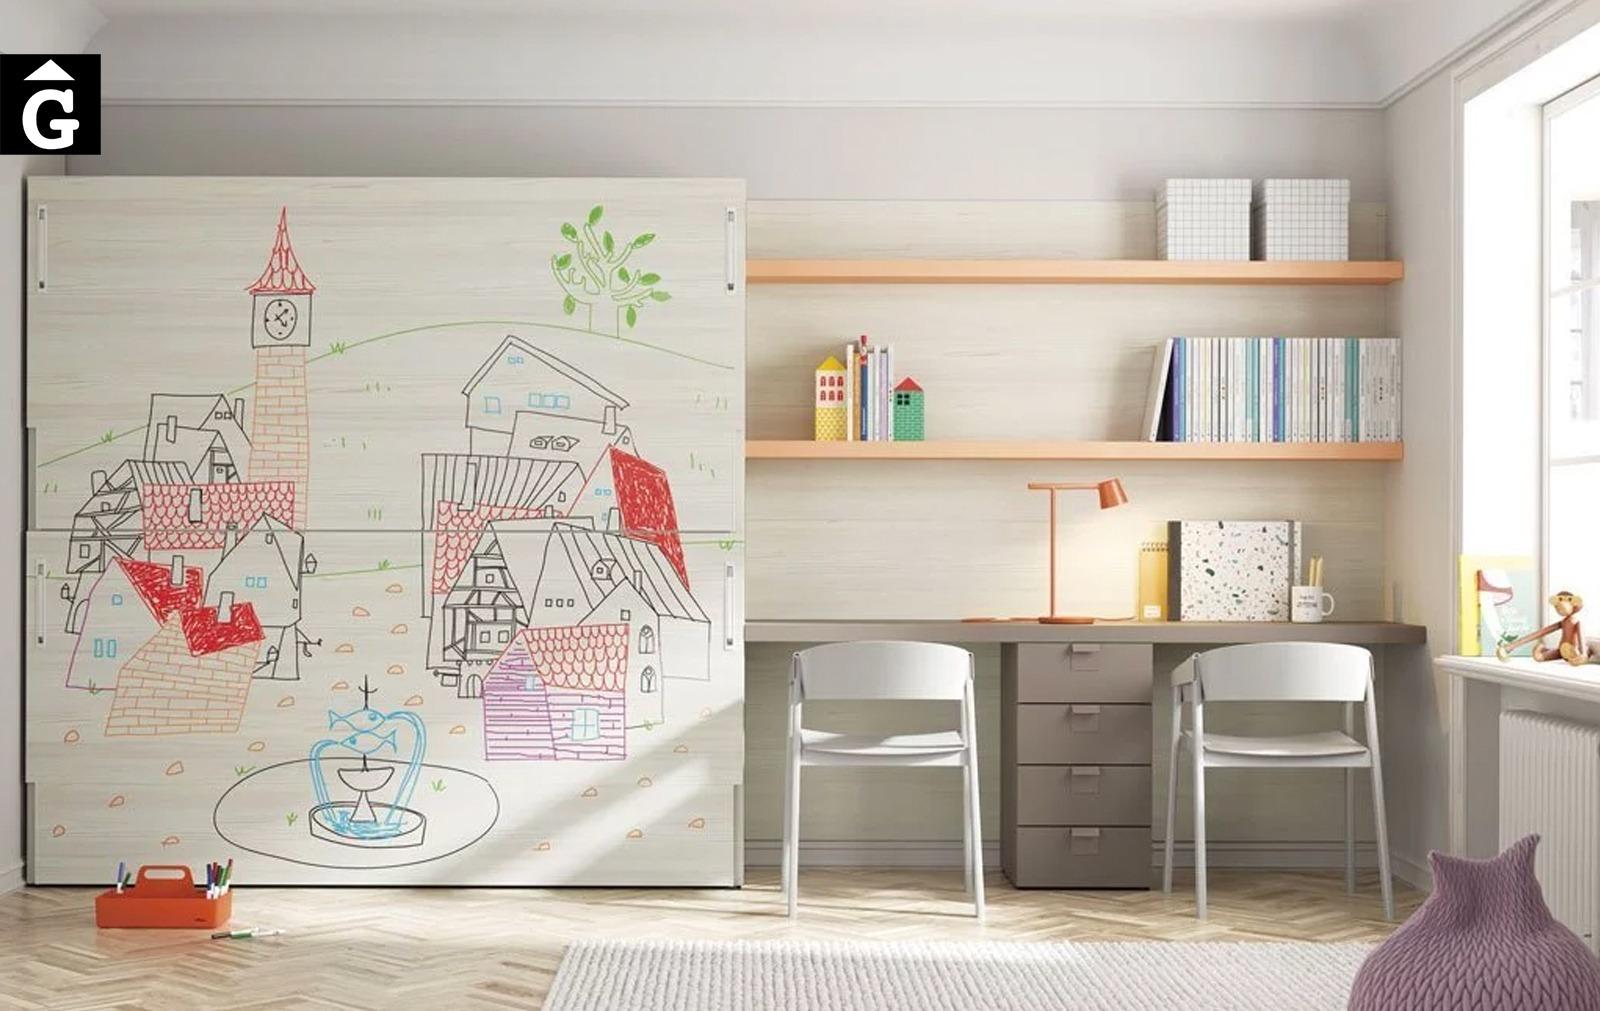 Habitació estudi Up & Down | frontals pissarra | llits abatibles | Pràctics, saludables i segurs | Jotajotape | mobles Gifreu